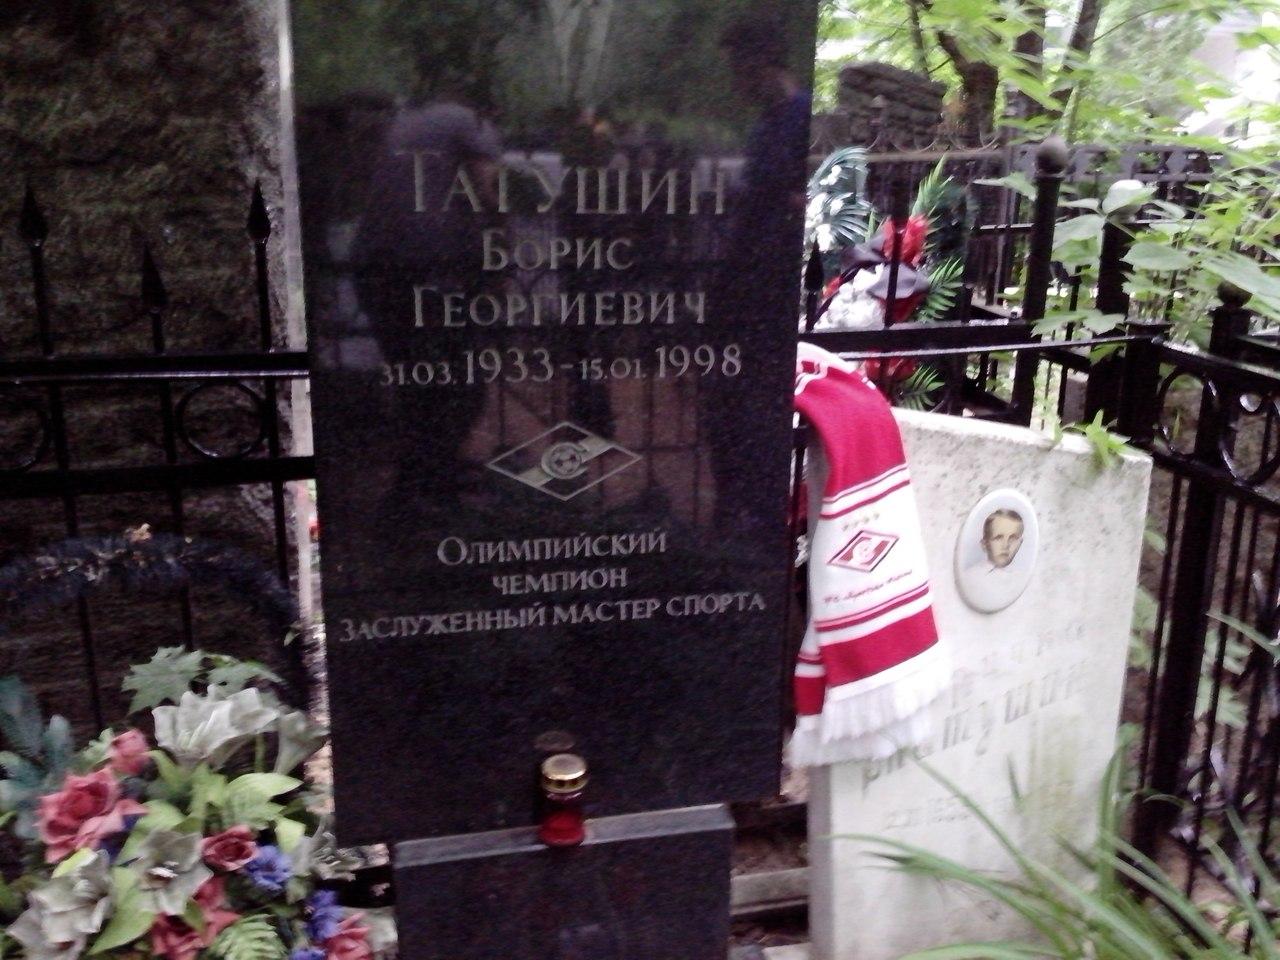 Могила Бориса Татушина